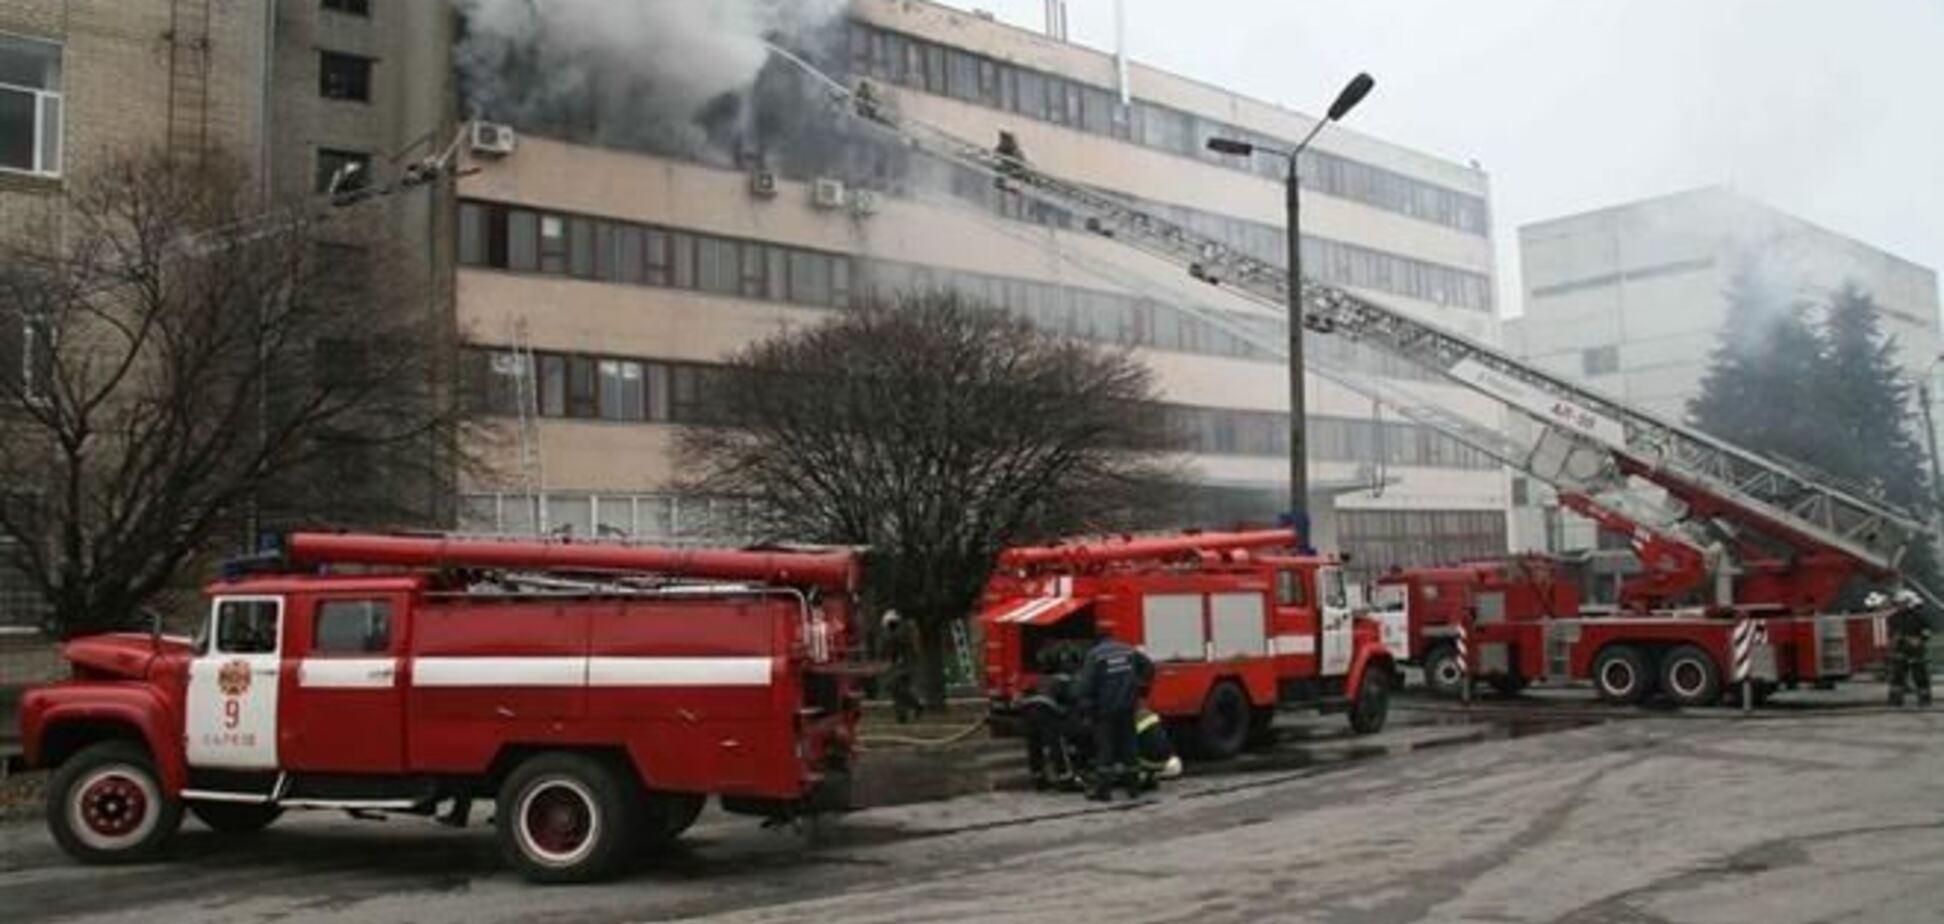 Пожежа на 'Хартроні': призначено більше 20 експертиз, допитано понад 50 осіб